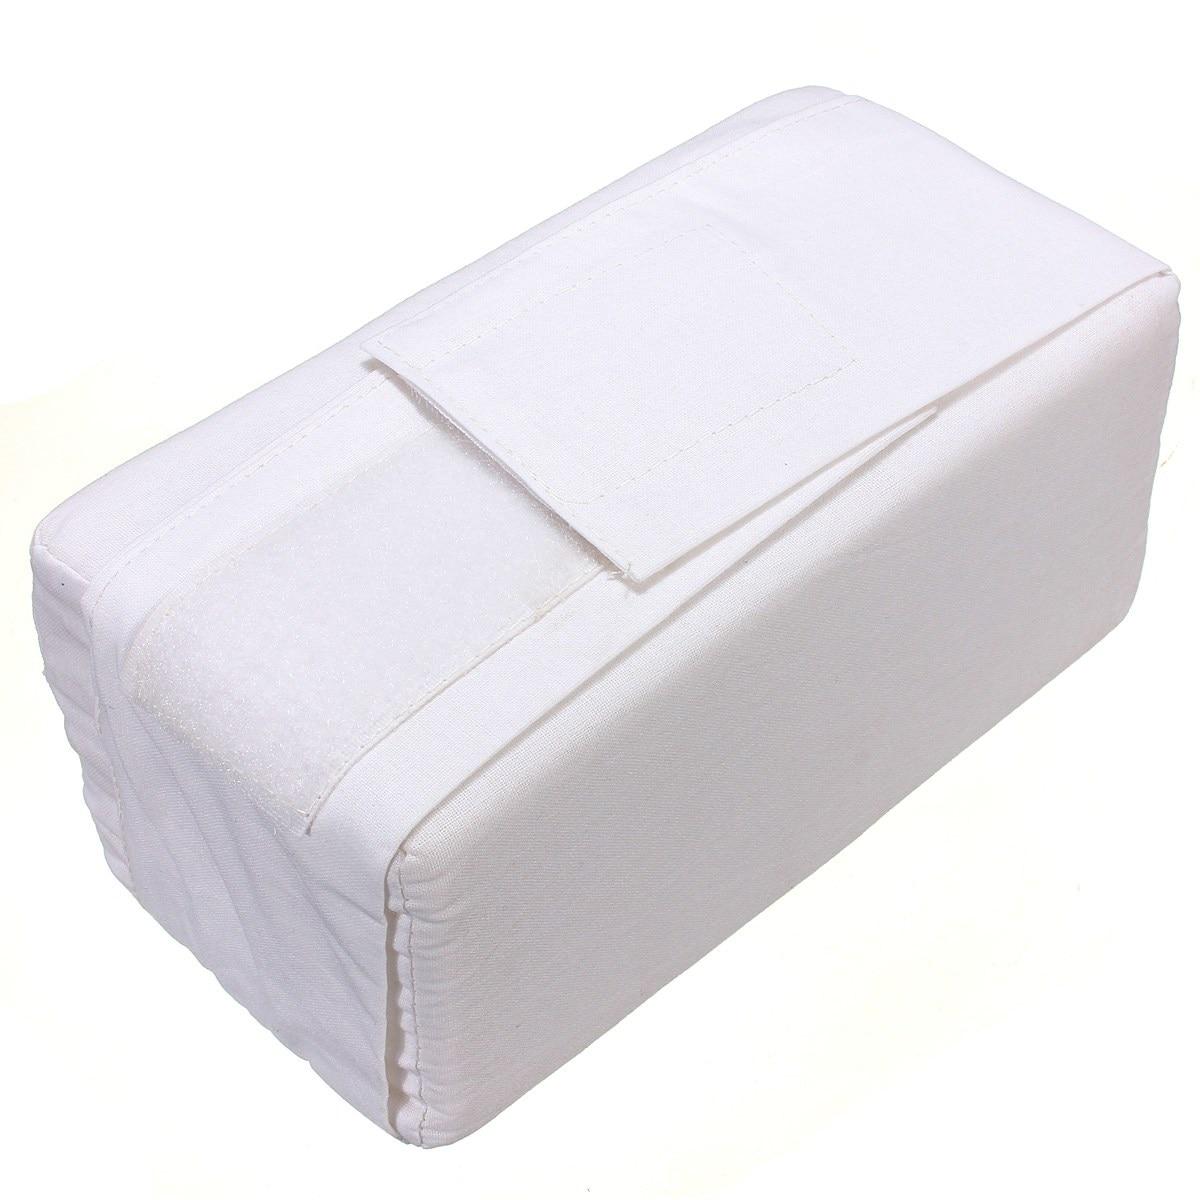 Колено легкостью Подушки Детские Подушки комфорт кровать Спящая помощи отдельными задняя нога боль Поддержка